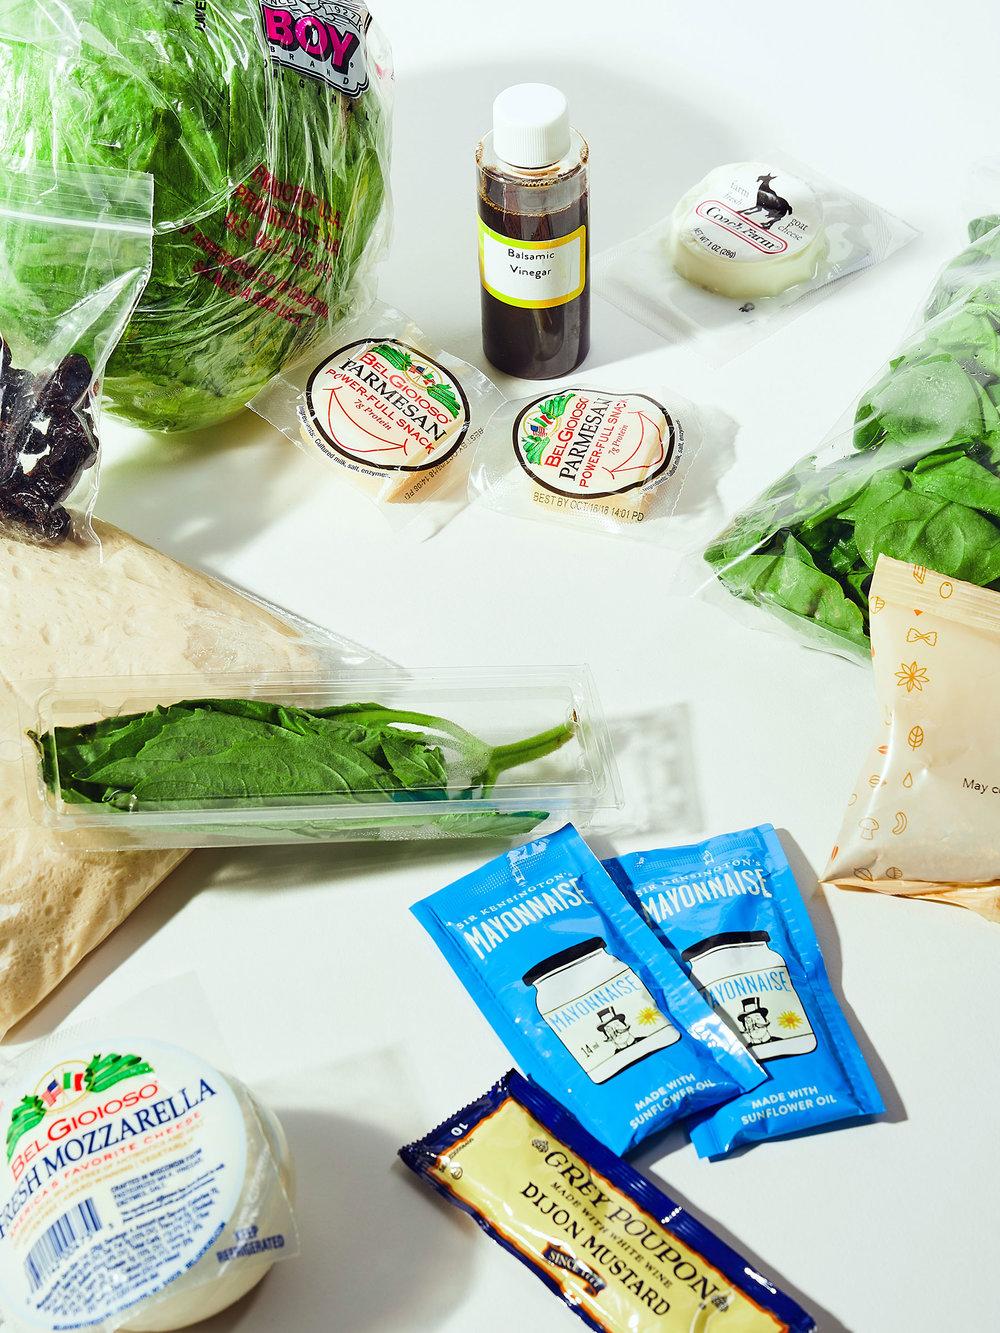 Meal_Kits-The_Dieline3363.jpg